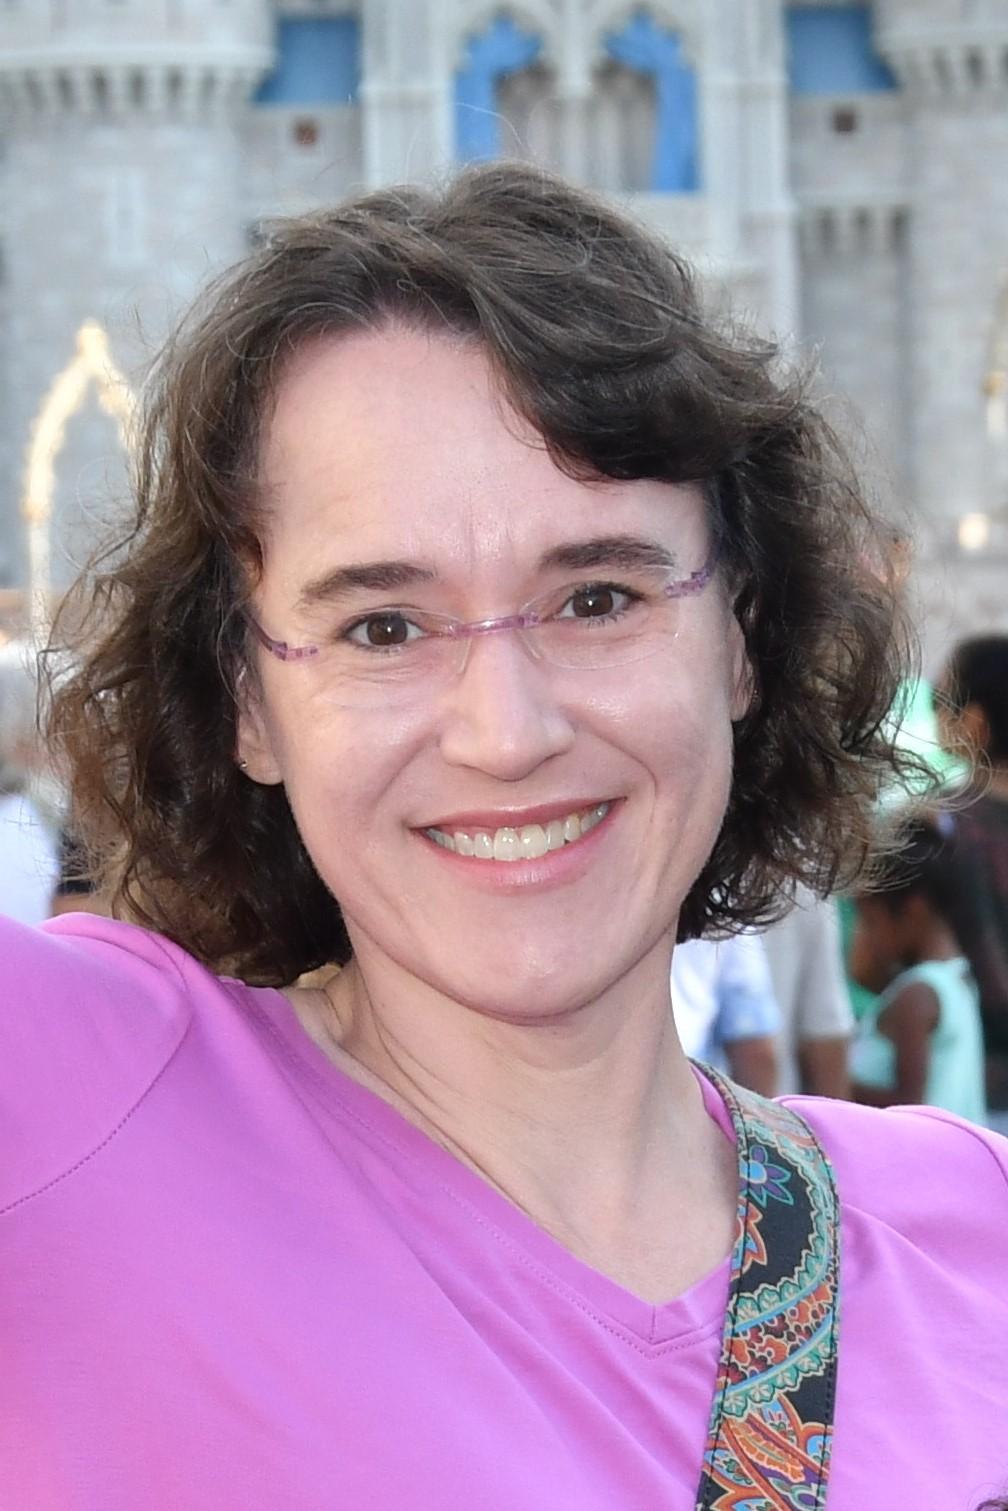 Joelle Dominique